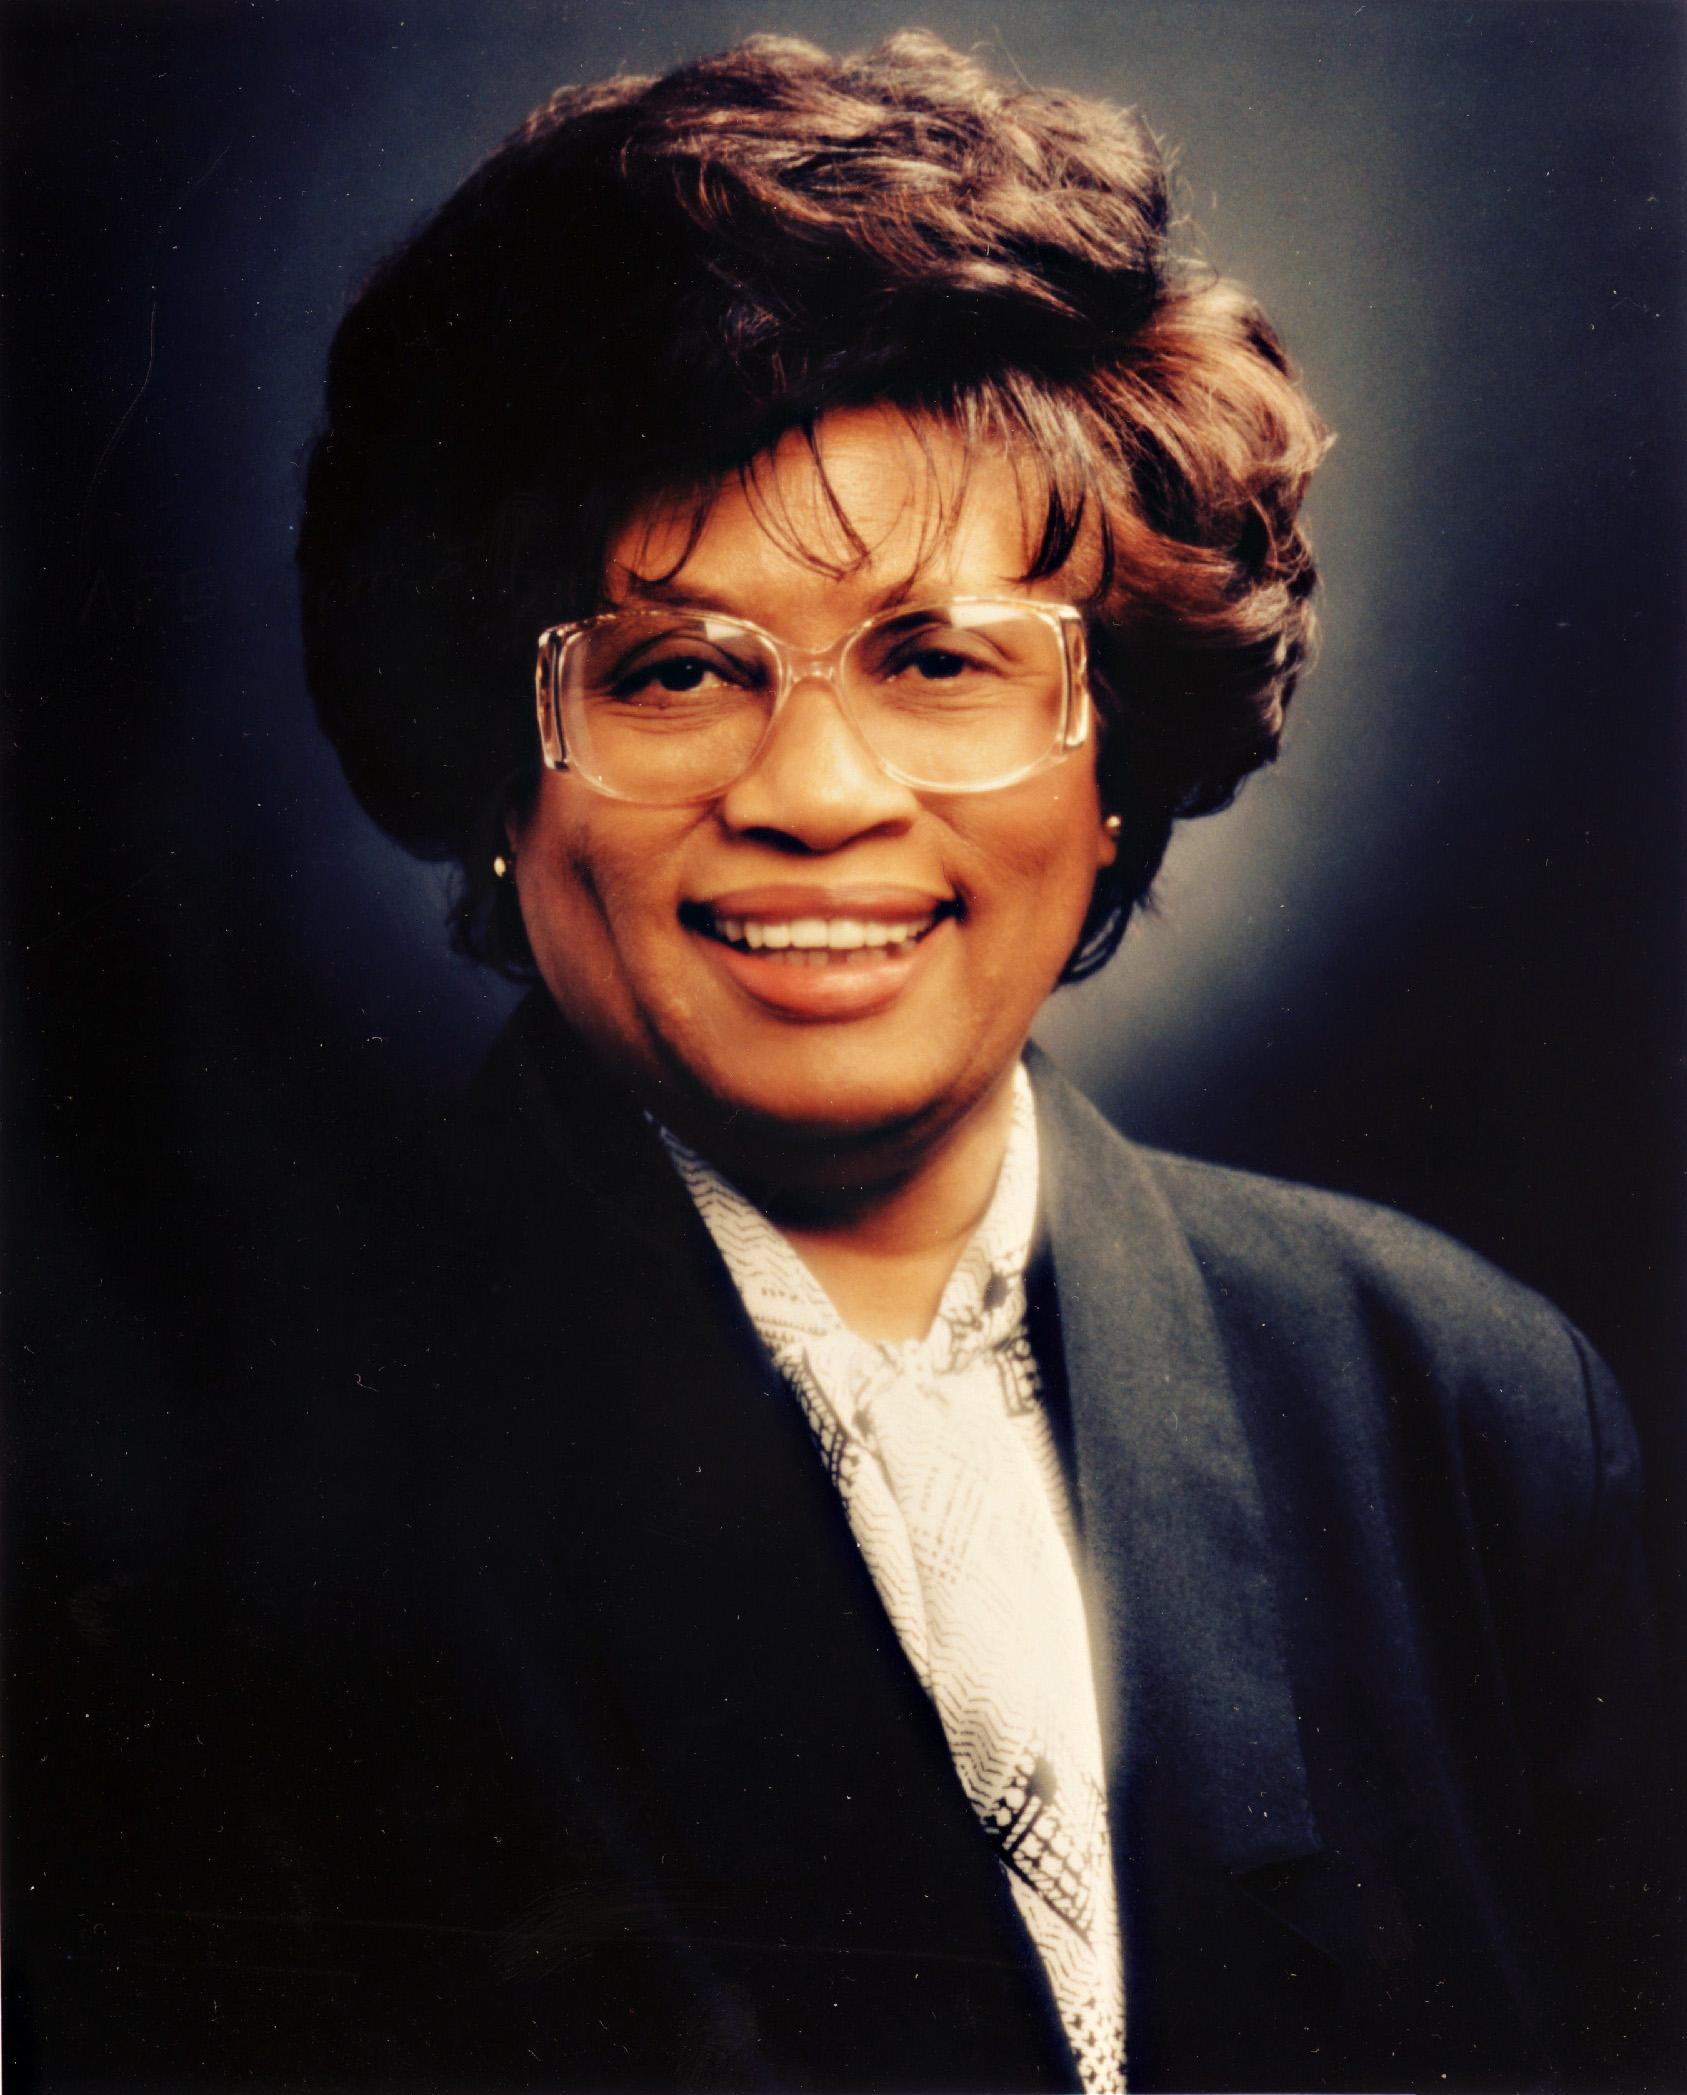 Former U.S. Surgeon General Joycelyn Elders